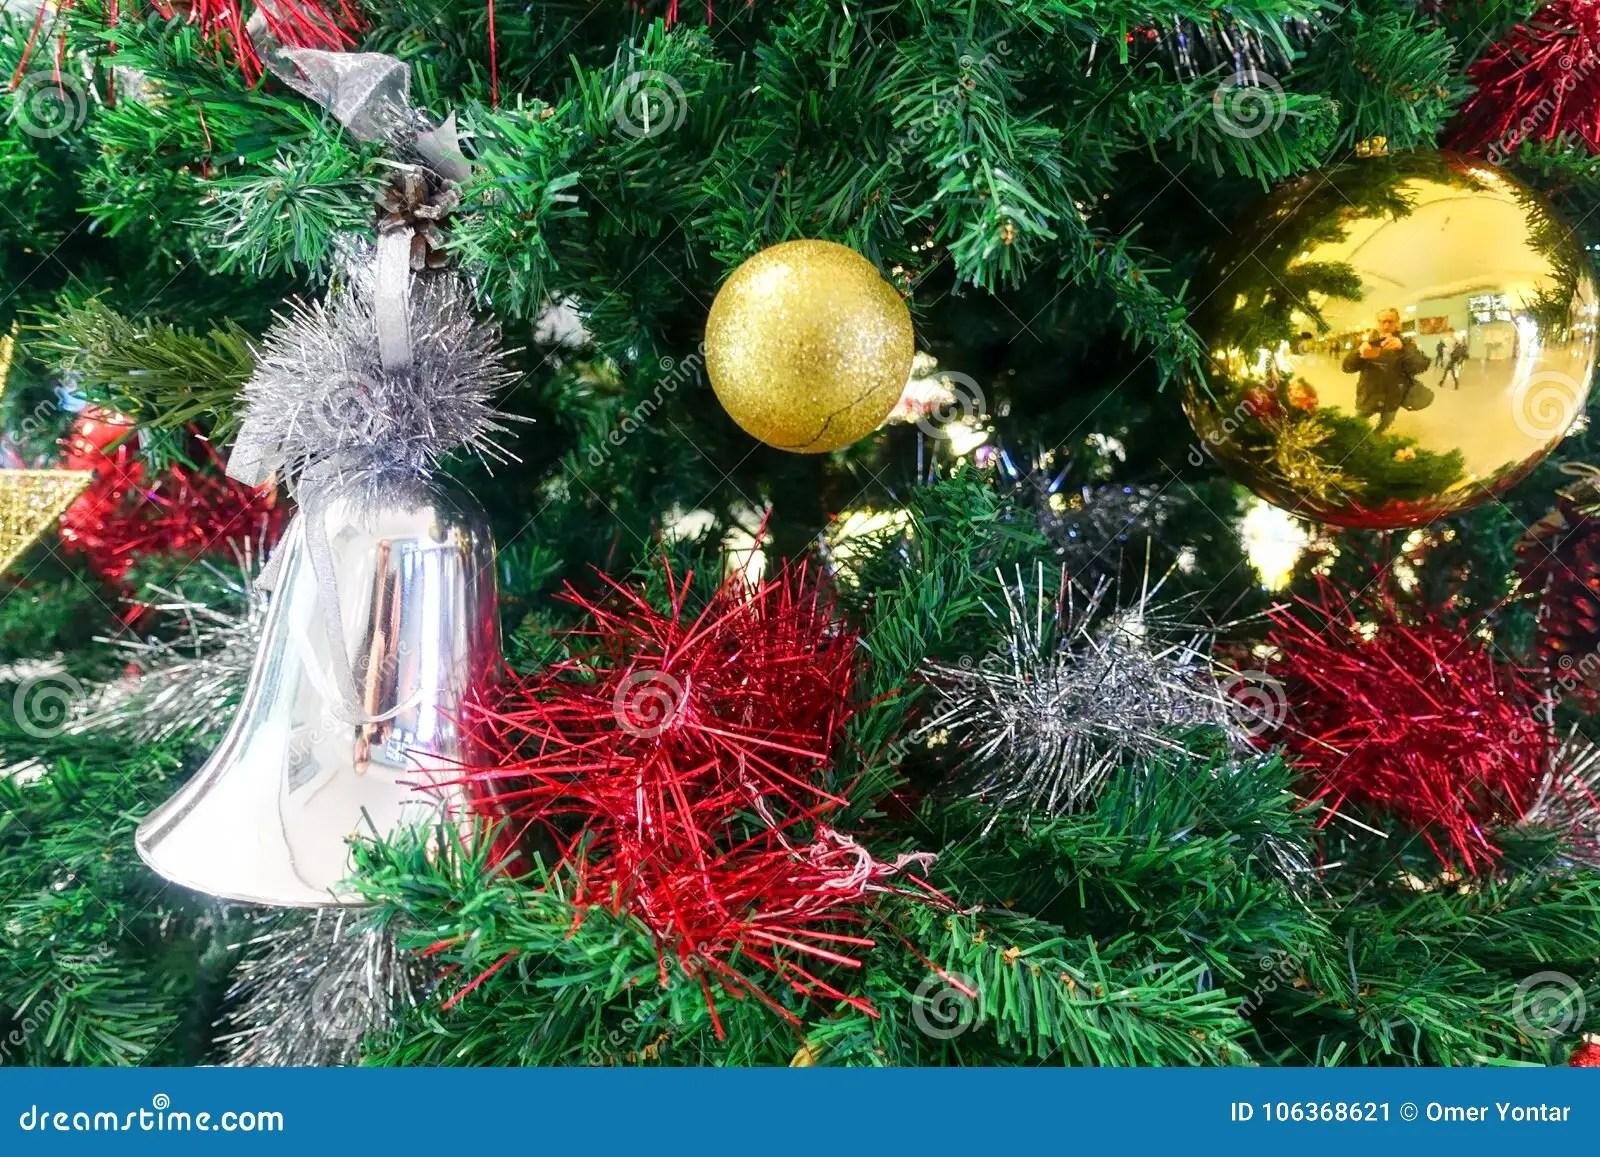 Christmas Tree And Christmas Ornaments Stock Image Image Of Decor Church 106368621